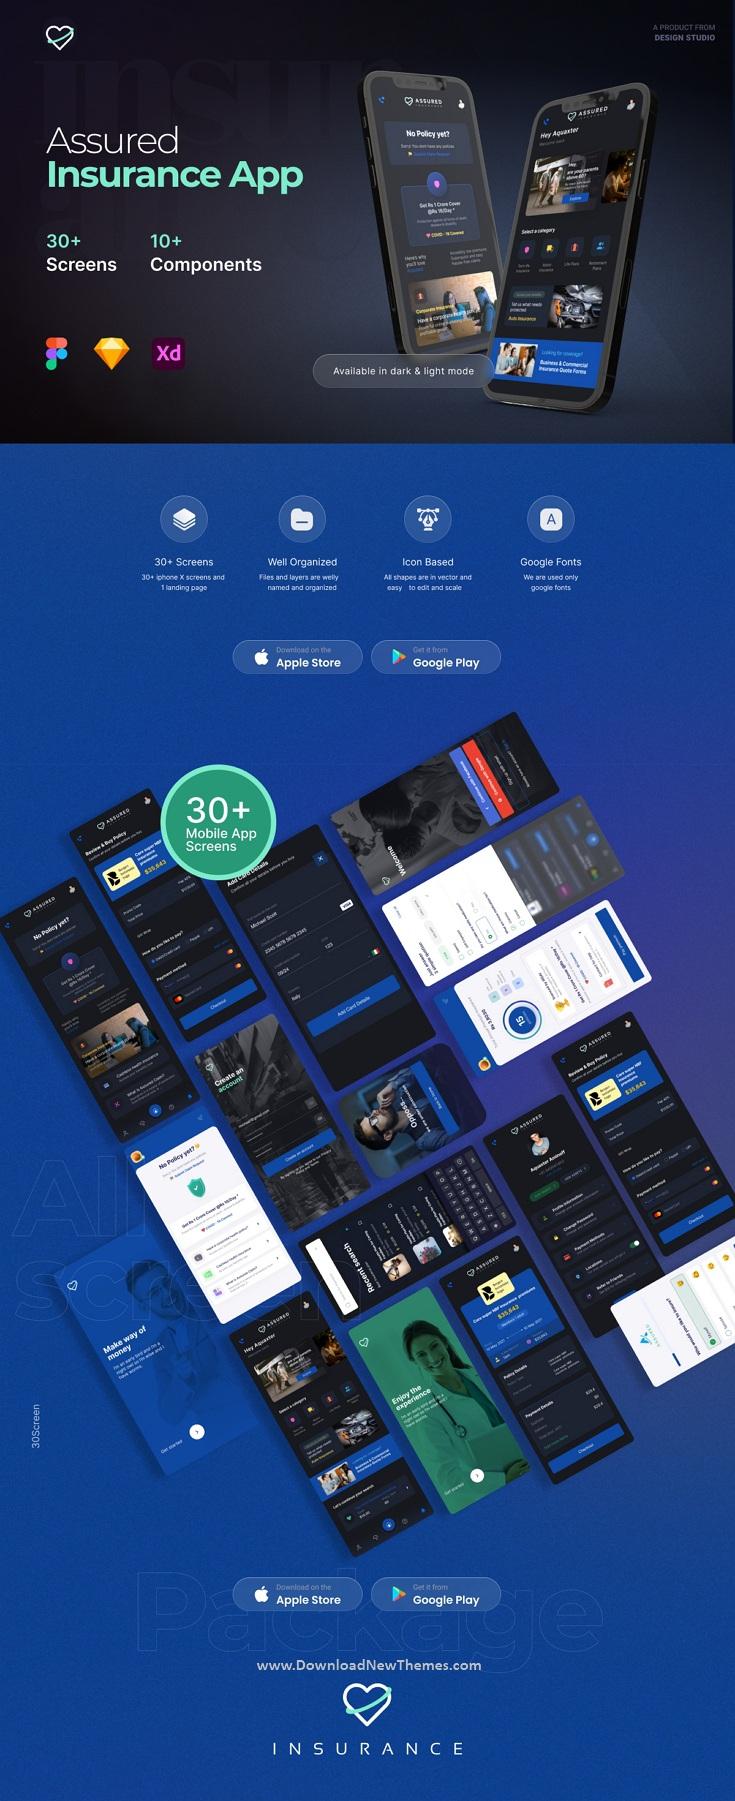 Assured 30 Insurance Mobile App UI Kit Template